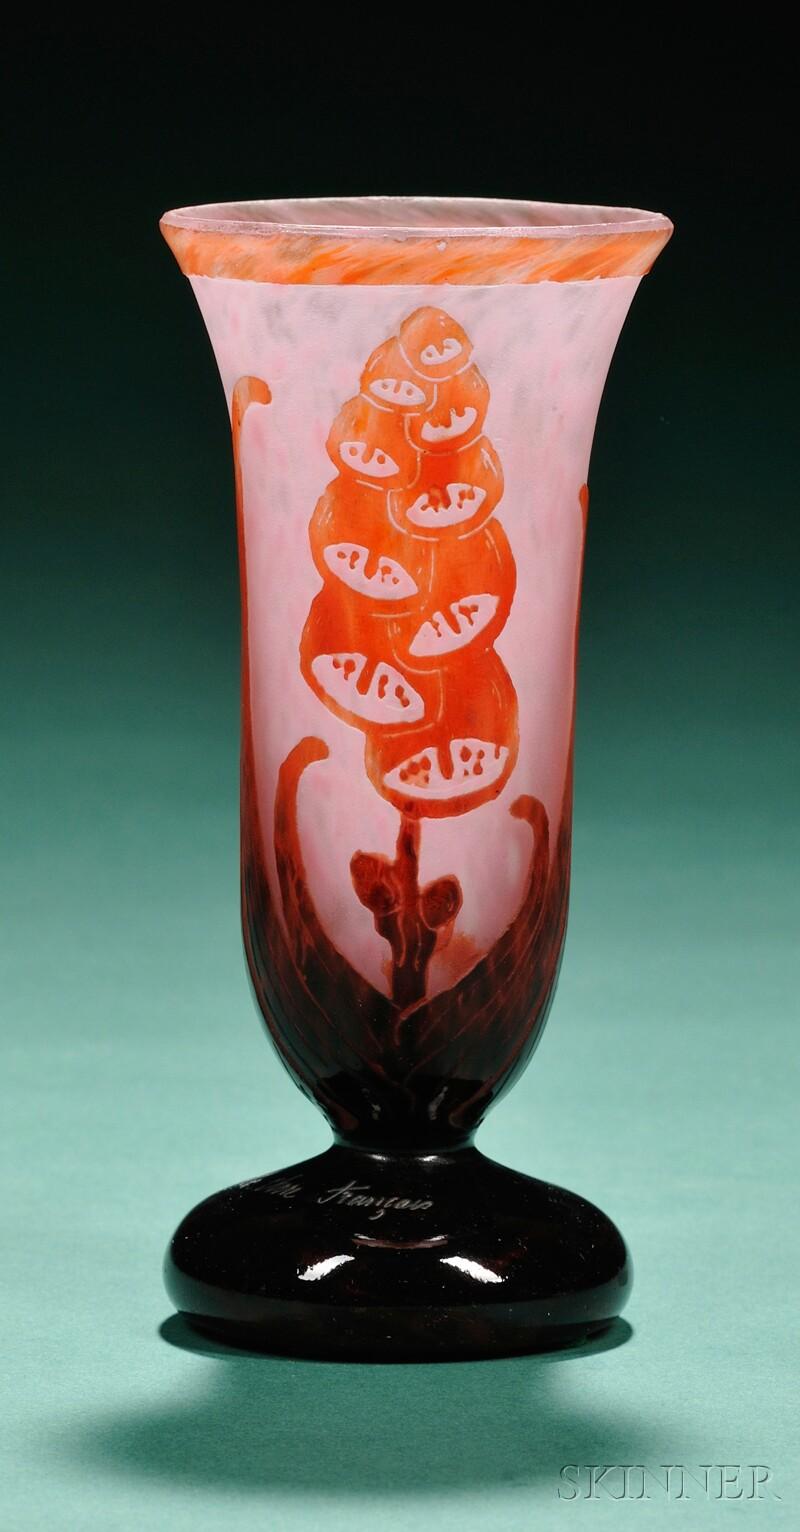 Art deco charder le verre francais glass vase bidsquare - Deco grand vase en verre ...